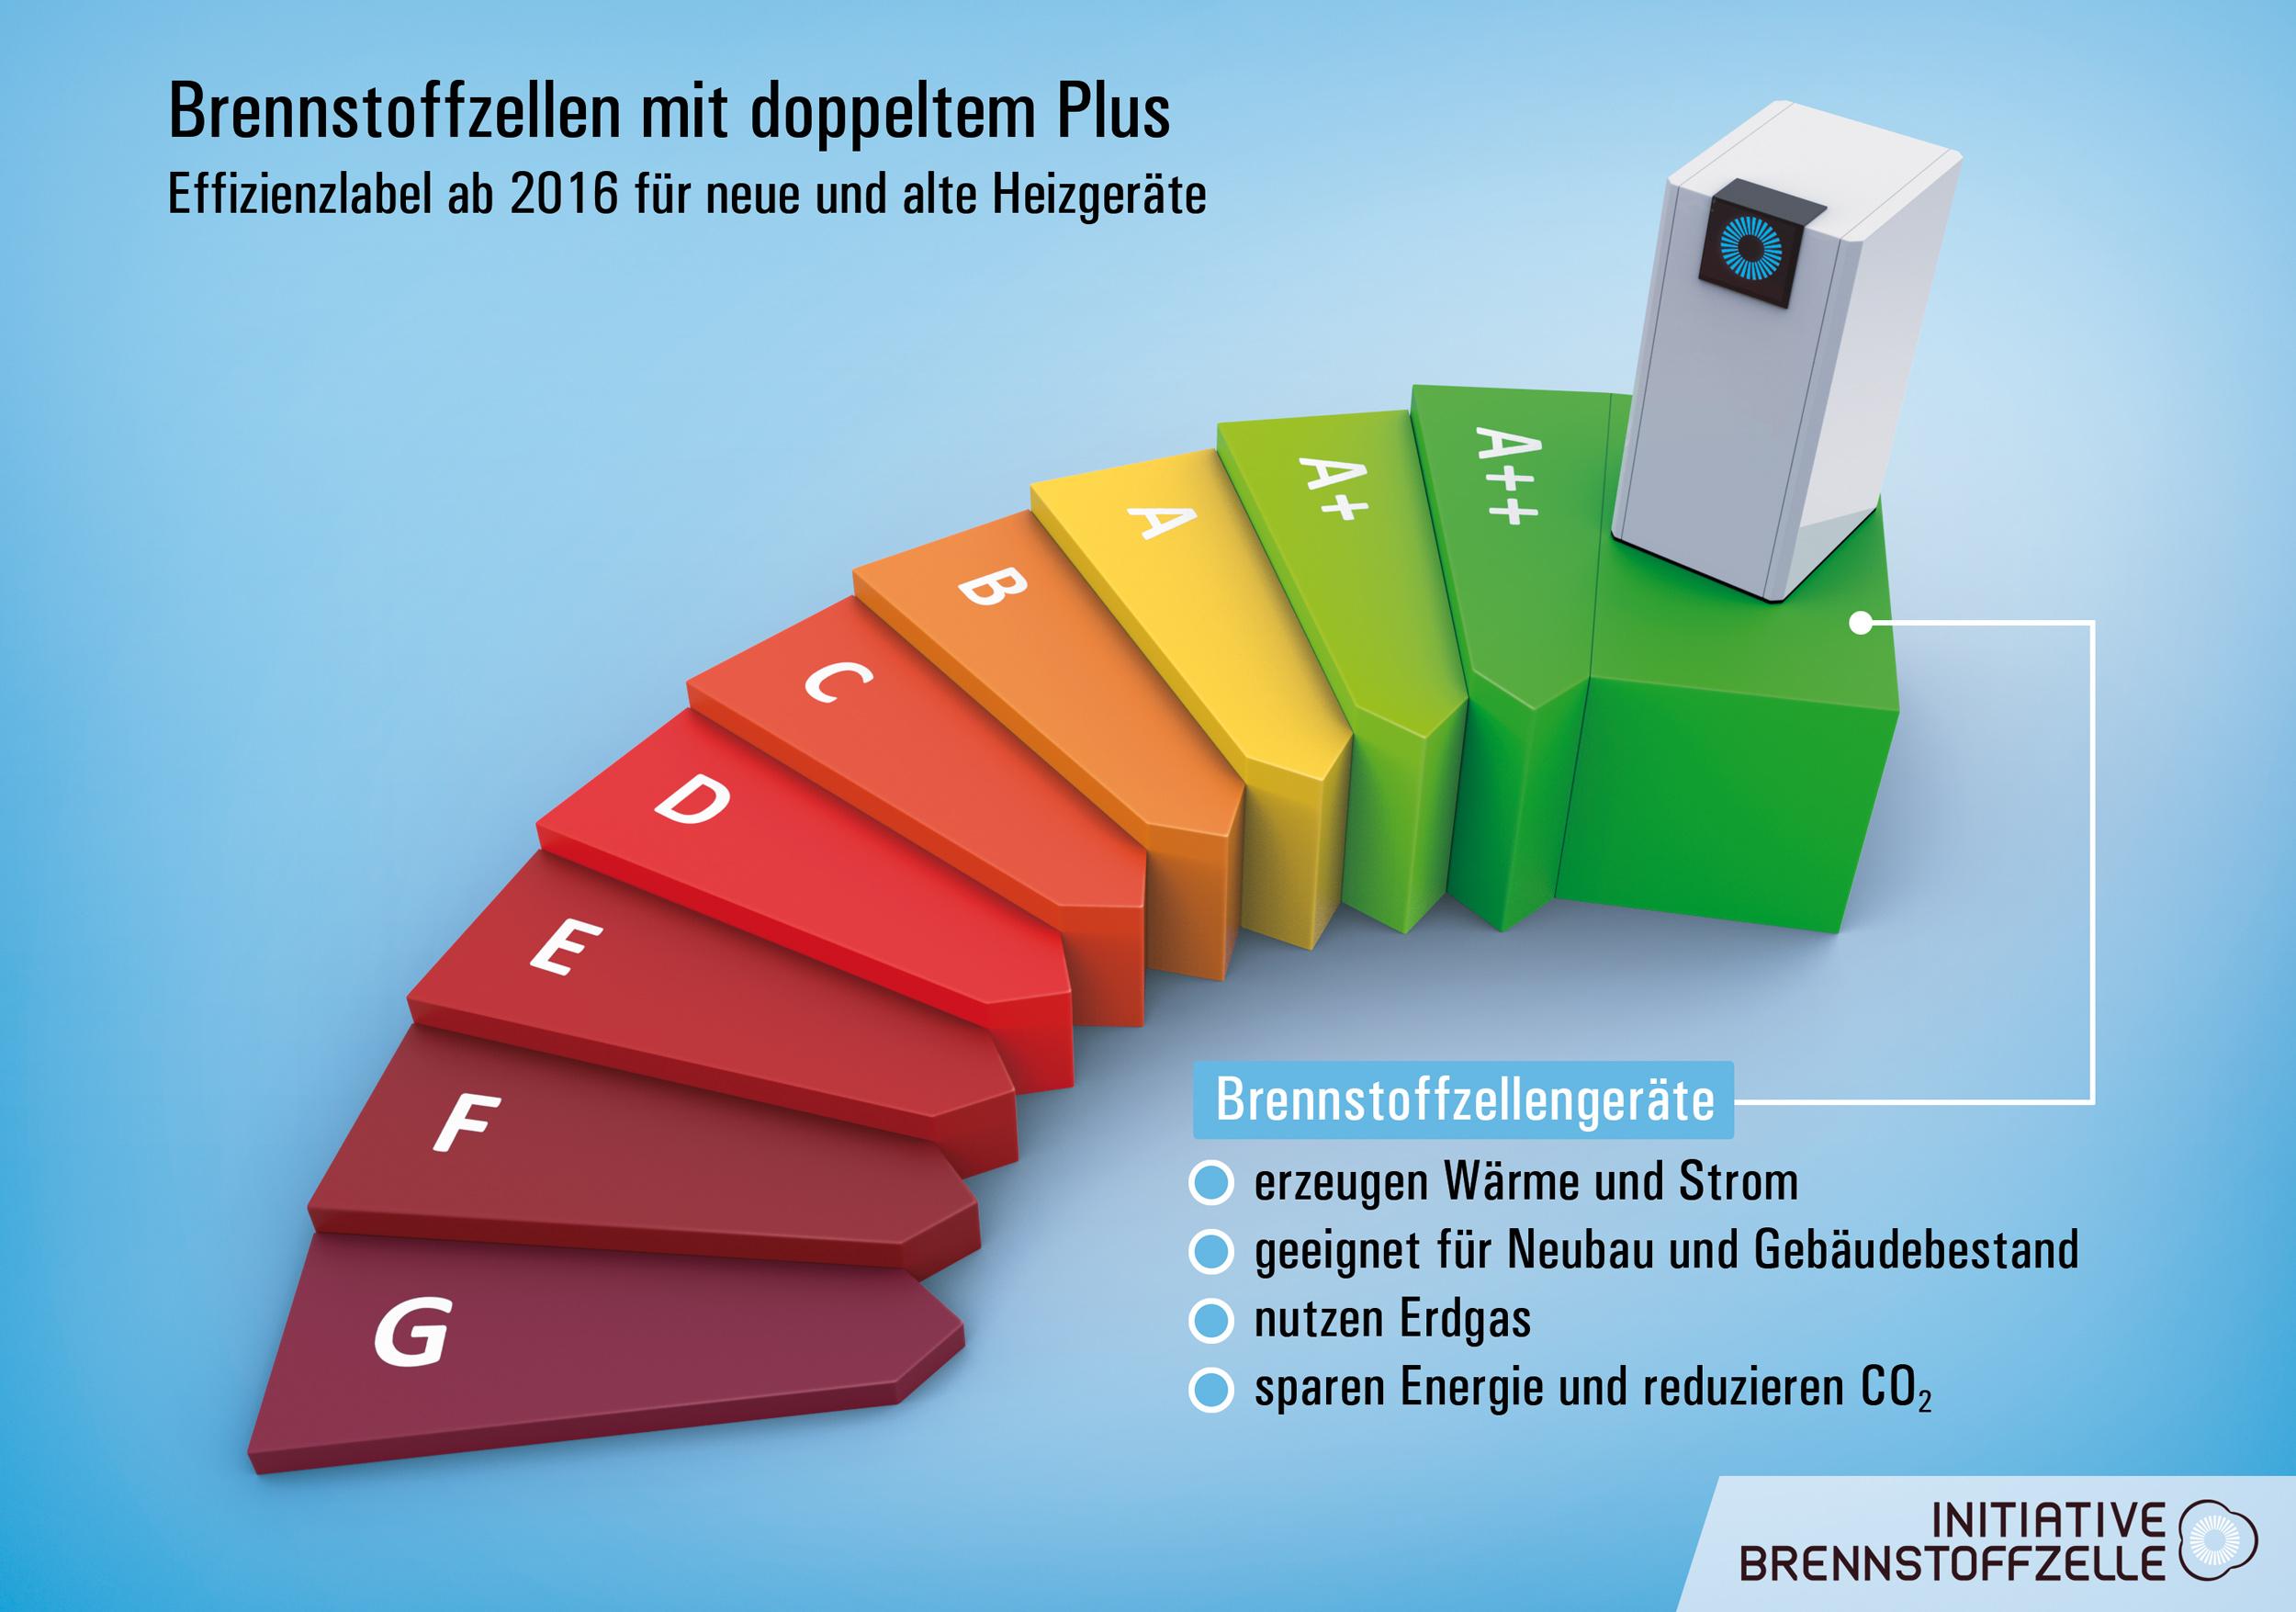 Charmant Drahtloses Netzwerkdiagramm Galerie - Die Besten ...